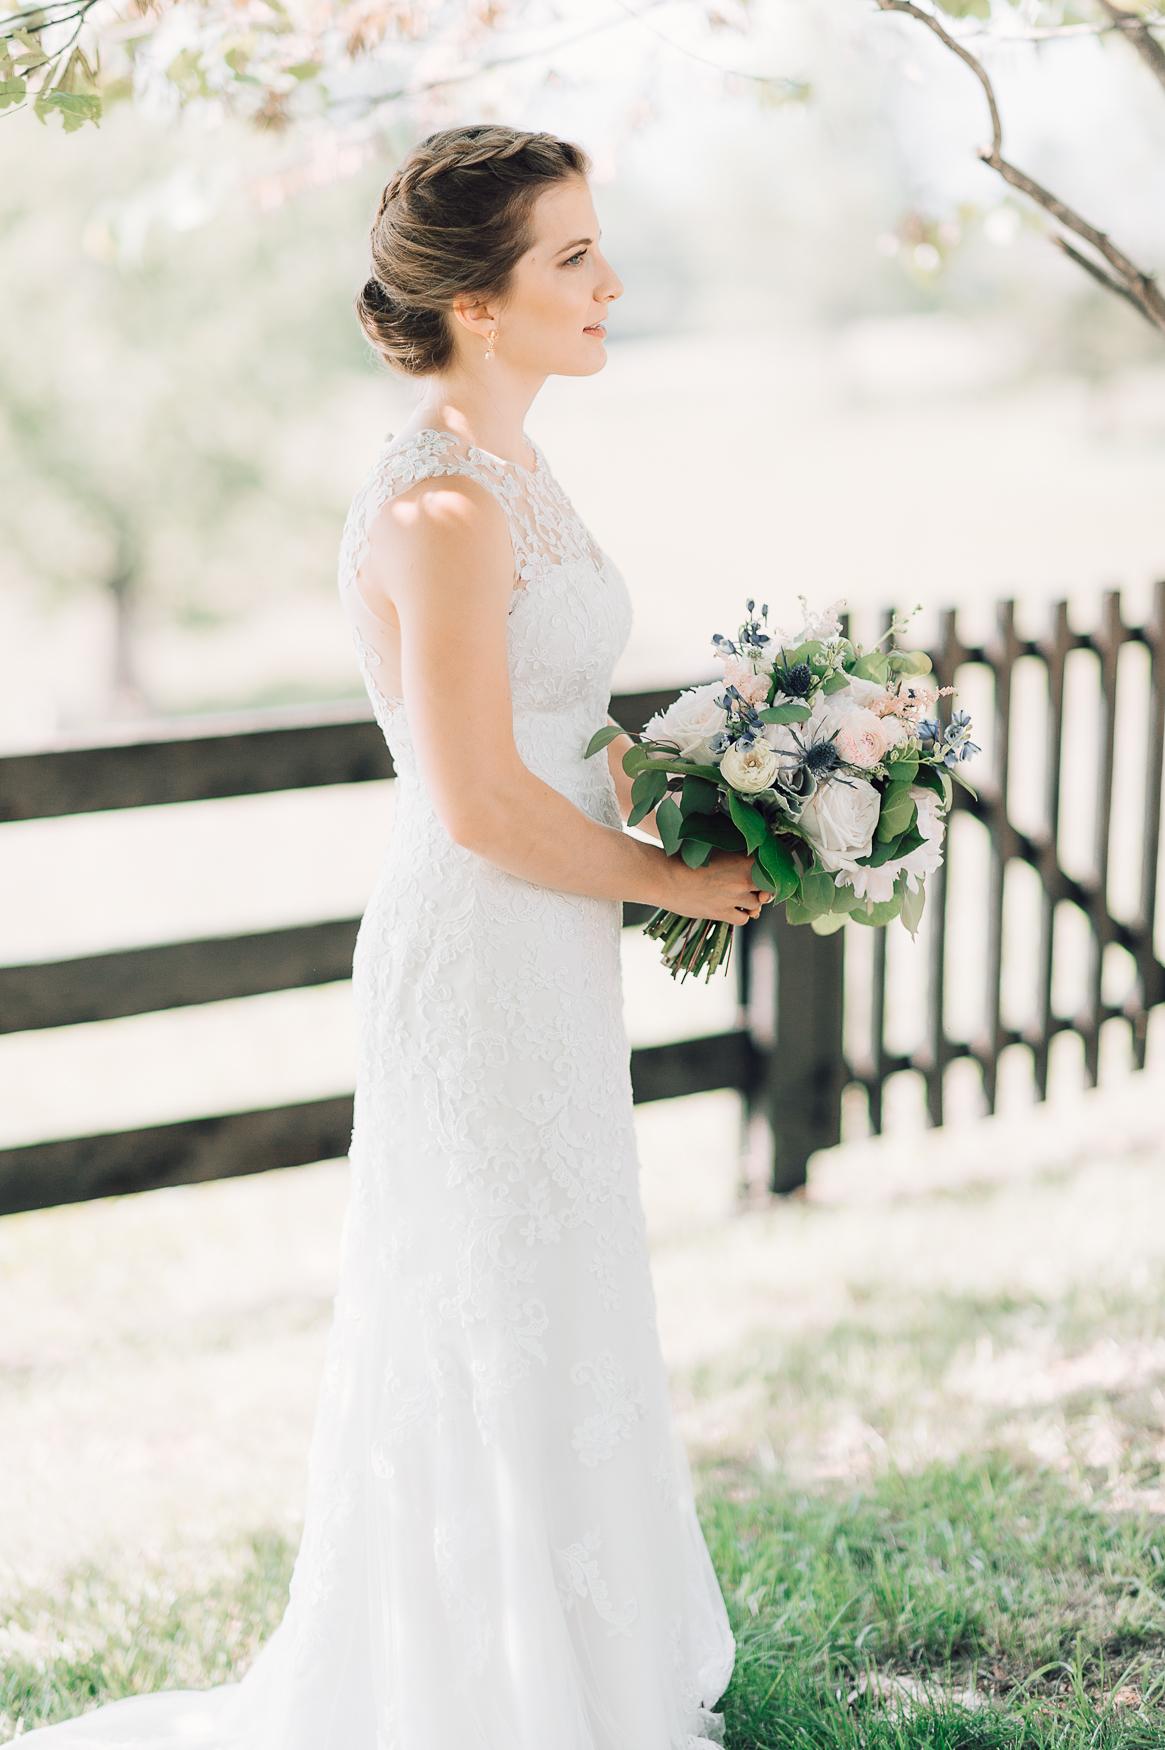 charlottesvillewedding_backyardwedding_virginia_youseephotography_CaitlinDerek (6).jpg